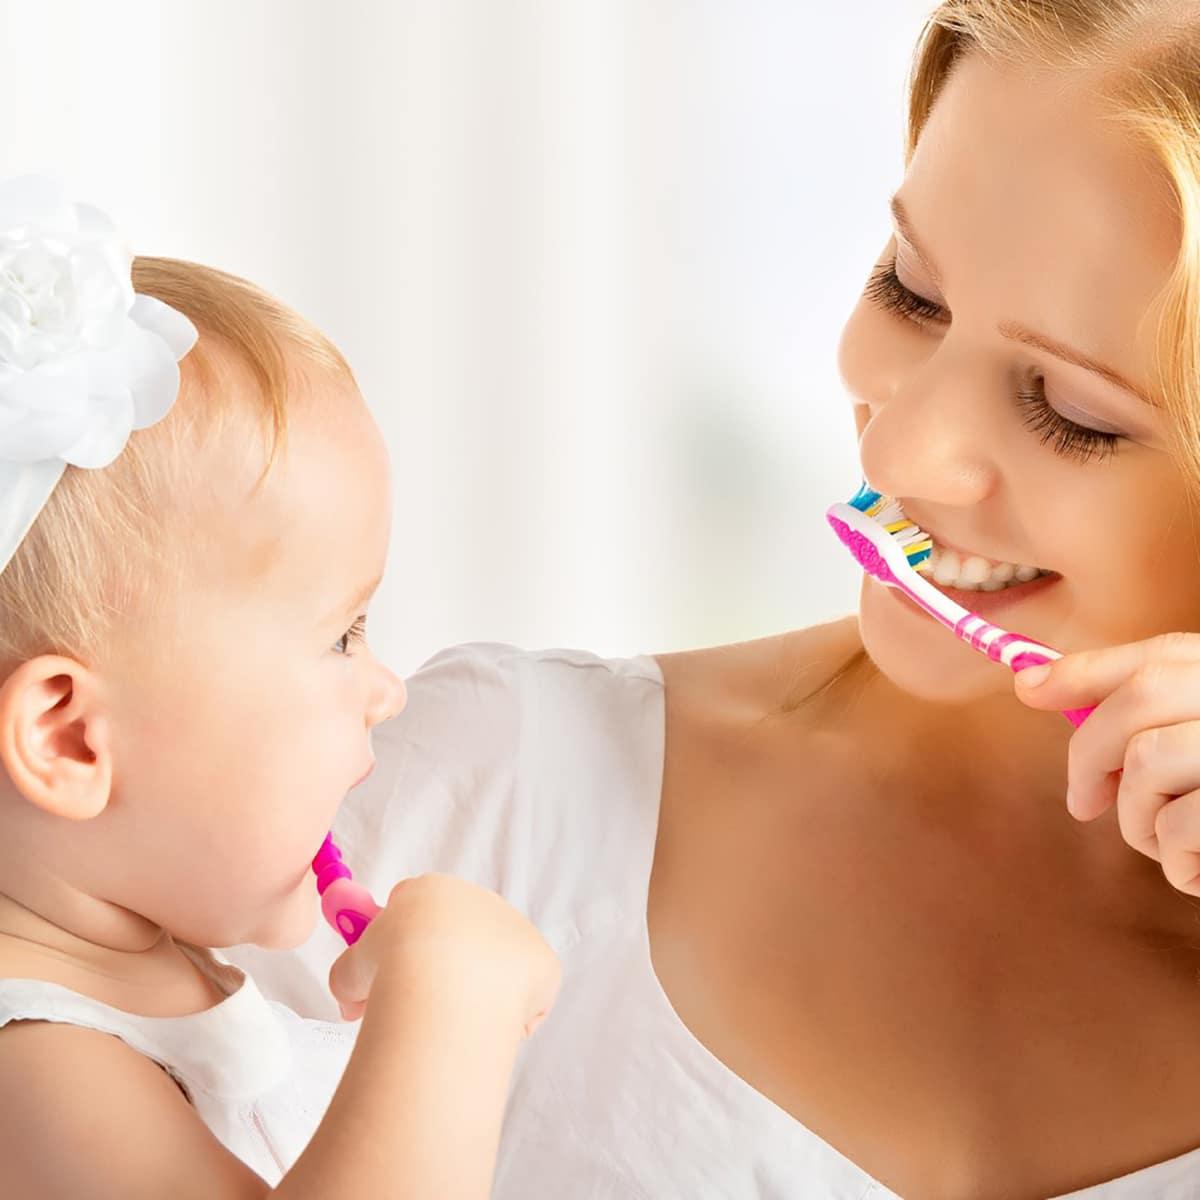 Çocuğunuz İçin Doğru Diş Bakımı Nasıl Yapılır? Evde Diş Bakım Önerileri